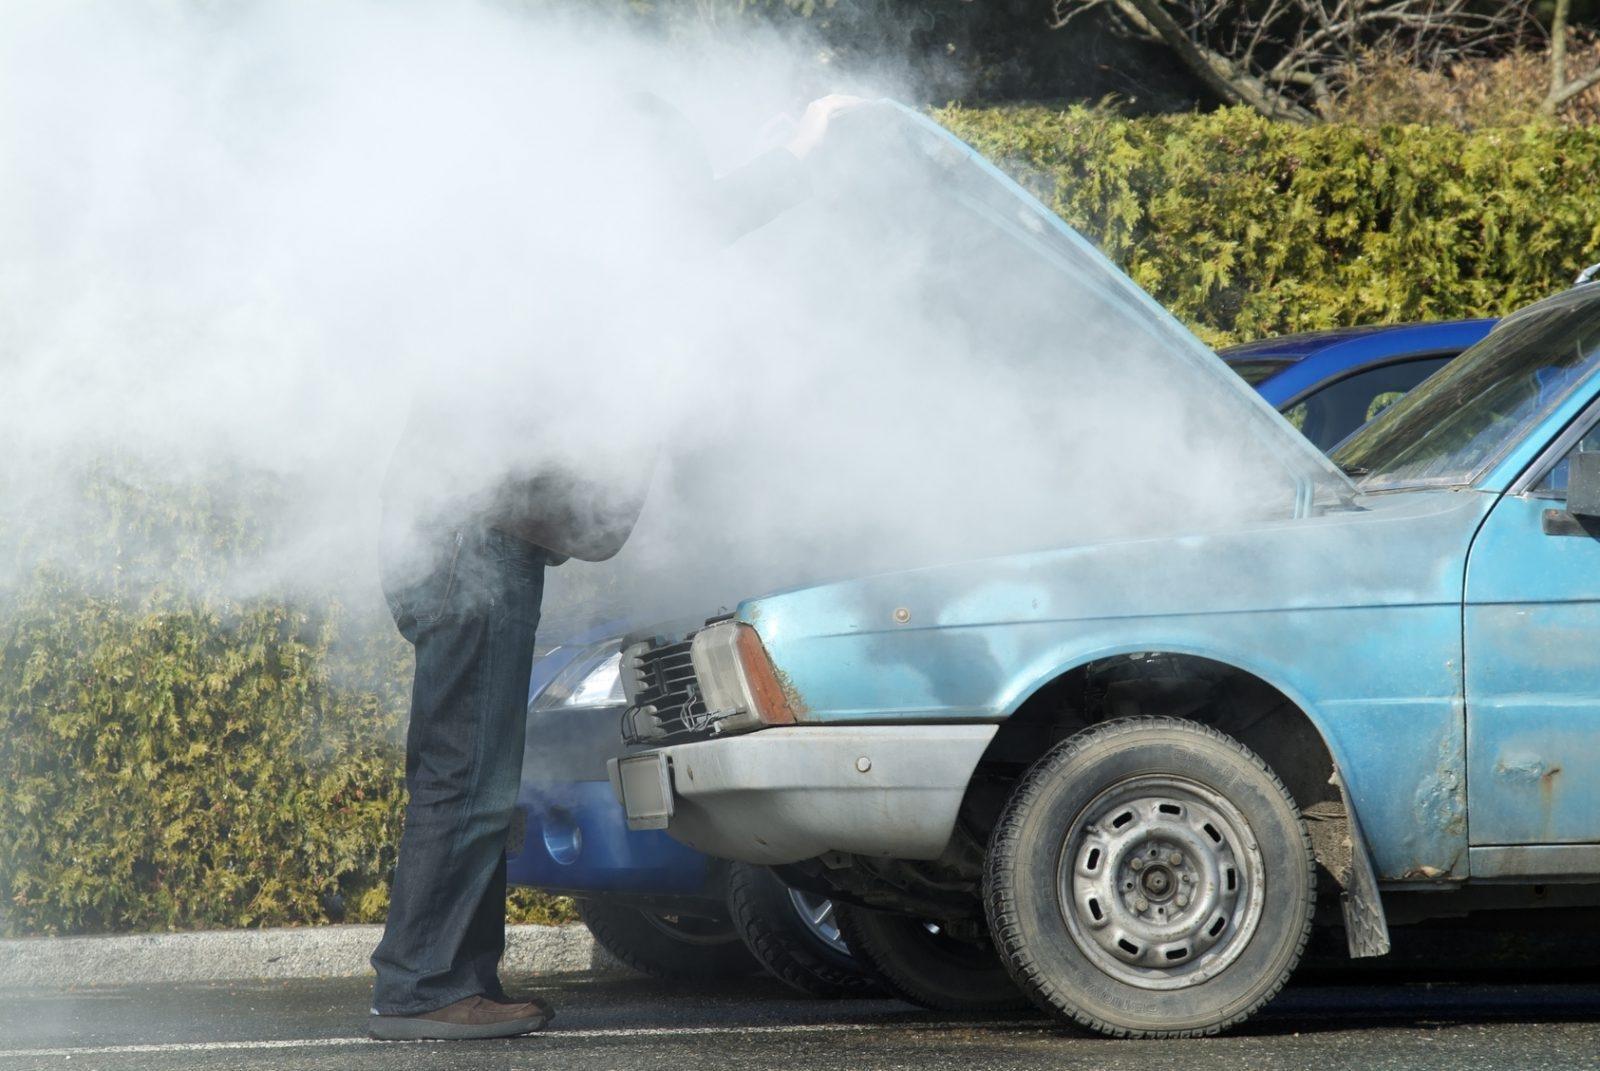 Động cơ quá nóng có thể gây cháy nổ.